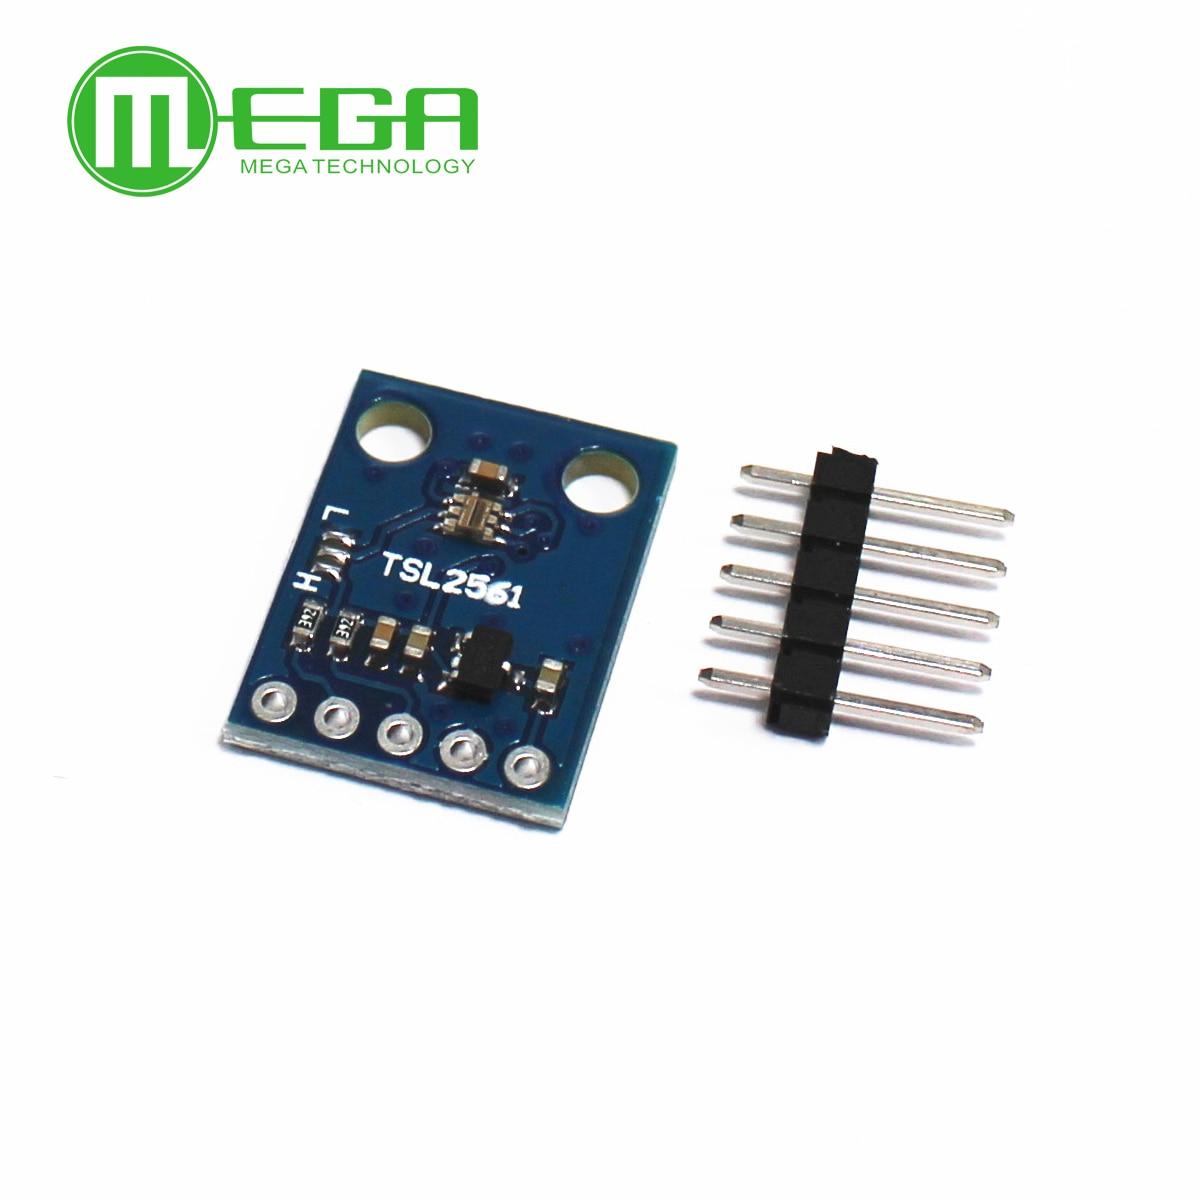 1 шт. GY-2561 TSL2561 датчик освещенности прорыв инфракрасный светильник Модуль датчика интегрирующий датчик